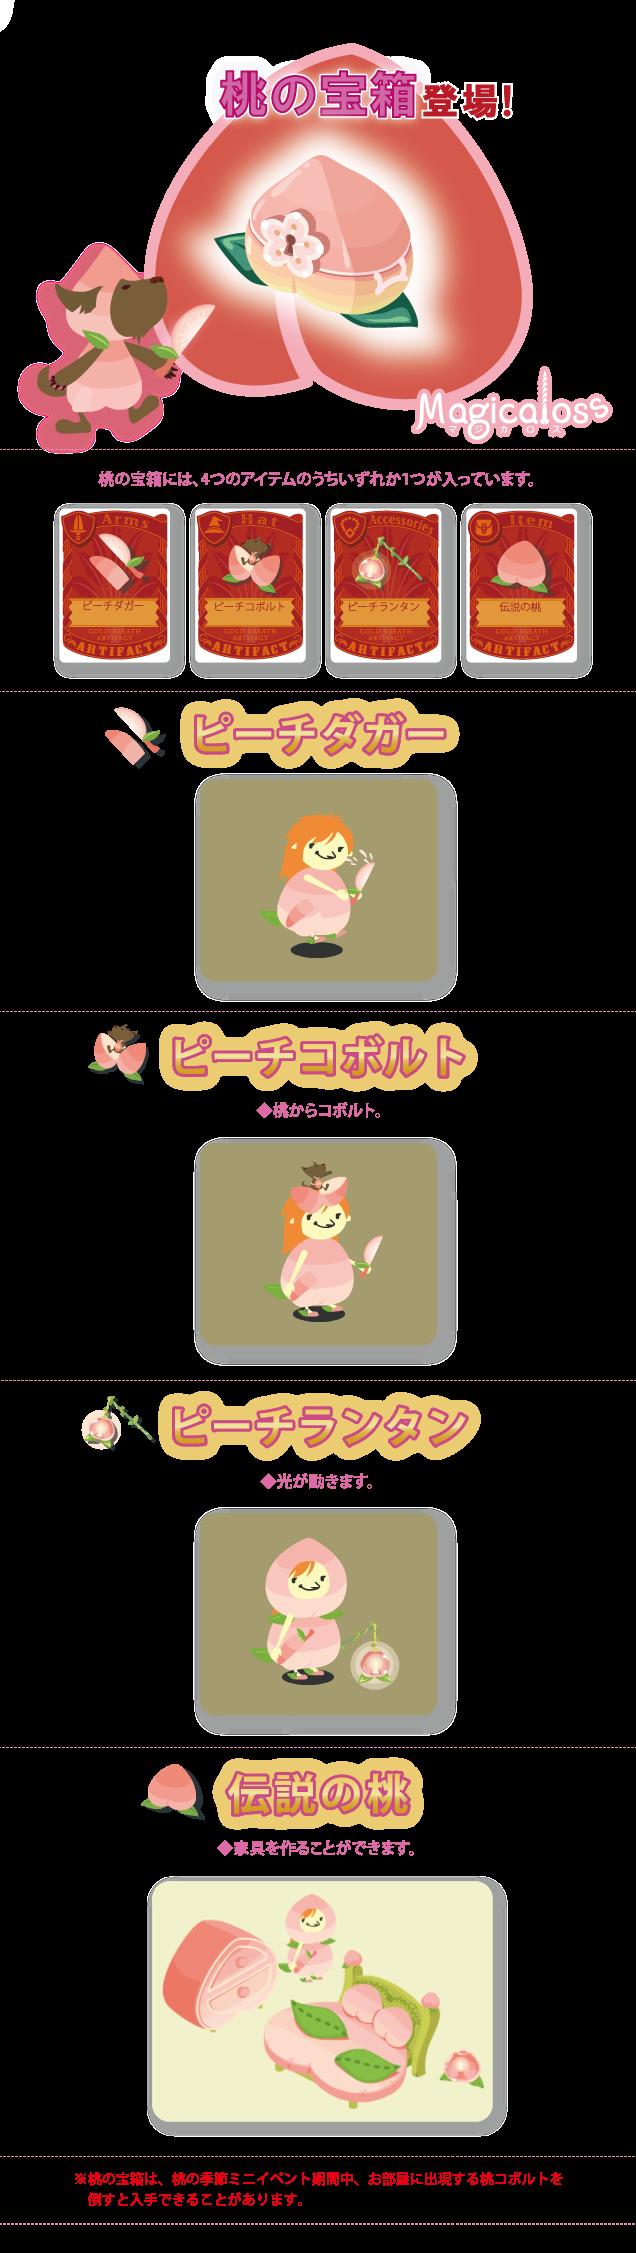 桃の宝箱登場!